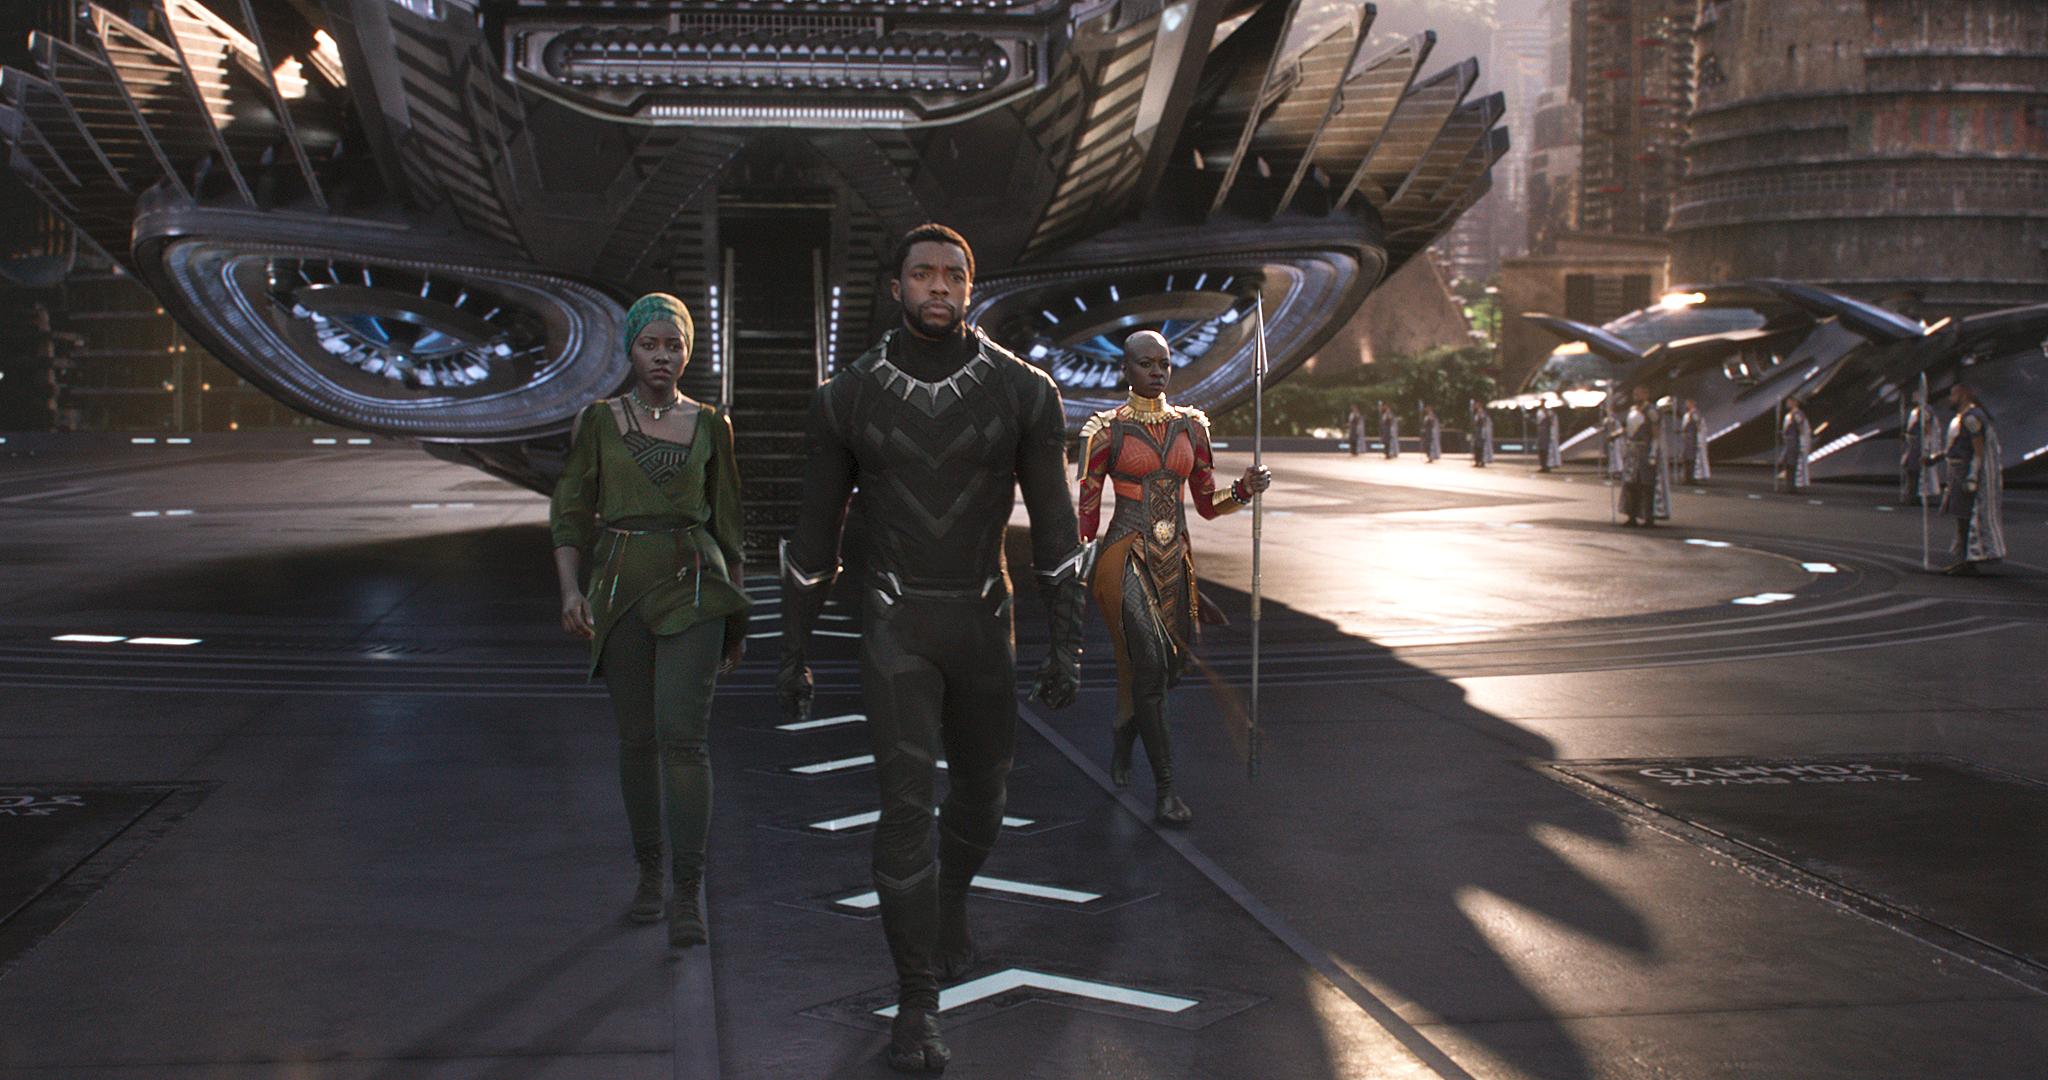 LIVE BLOG: Black Panther World Premiere